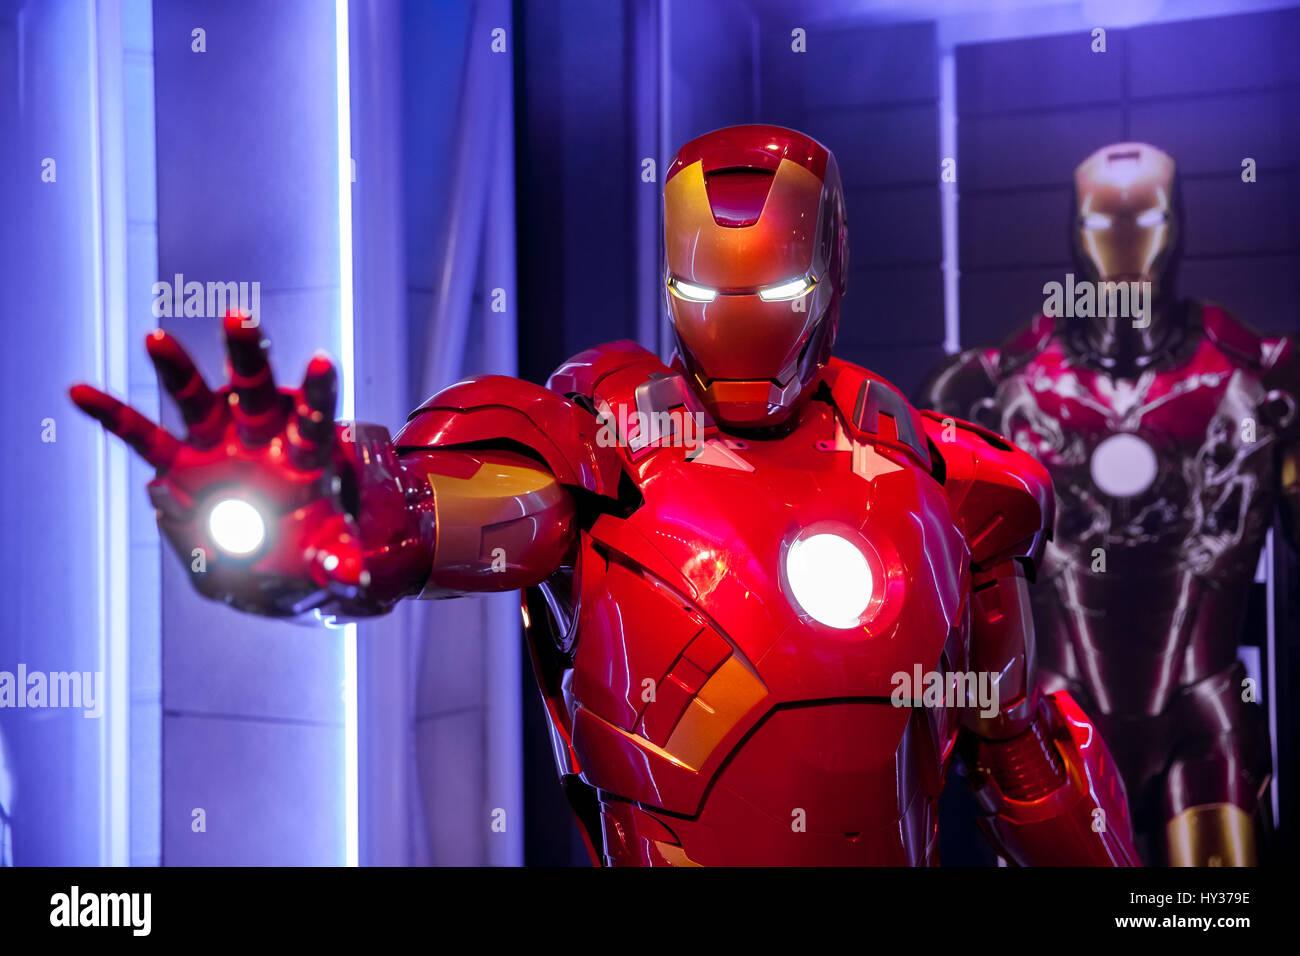 Amsterdam, Niederlande - März 2017: Wachs Figur des Tony Stark Iron Man von Marvel Comics in Madame Tussauds Wachsfigurenkabinett Stockfoto